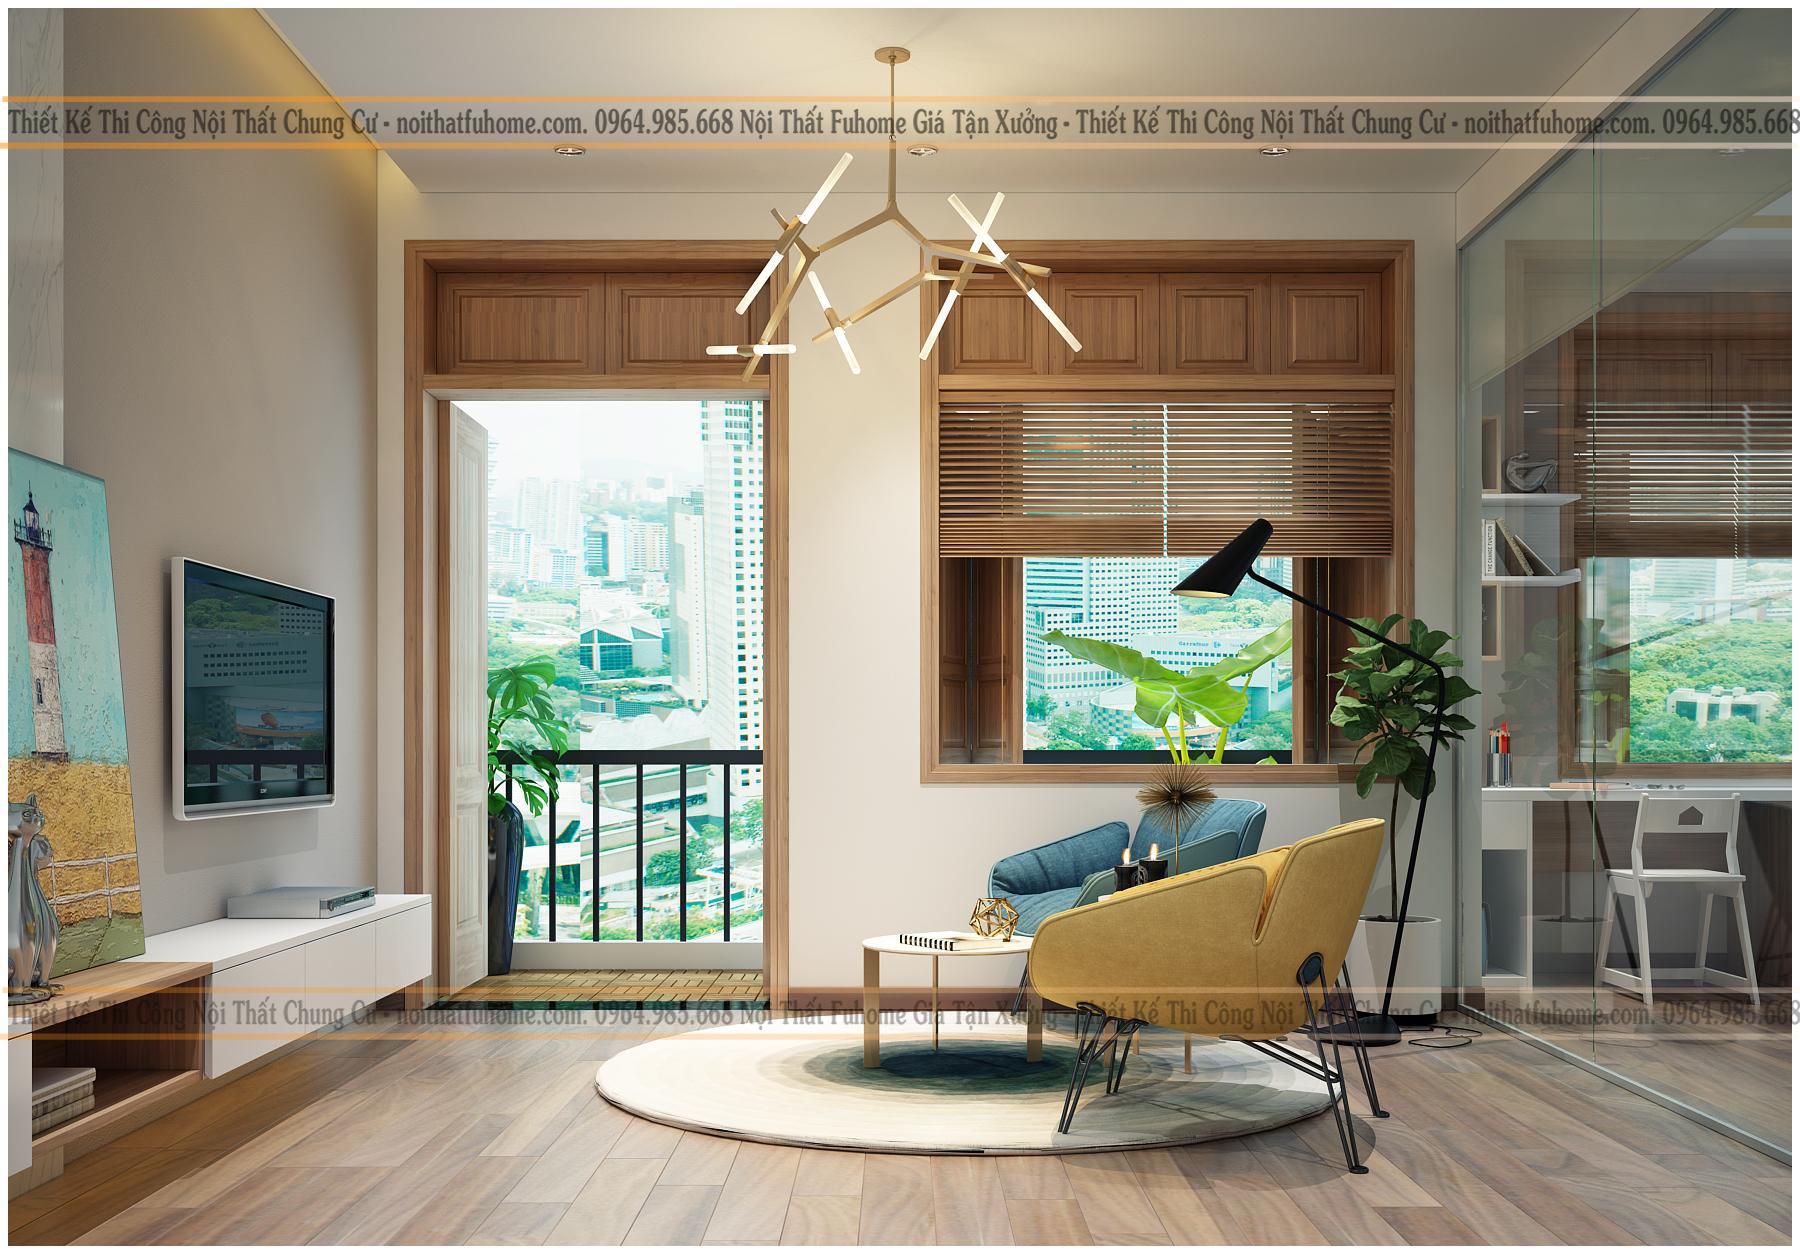 Thiết kế nhà chung cư đẹp 70m2 – Mách bạn cách để có căn hộ đẹp như ý